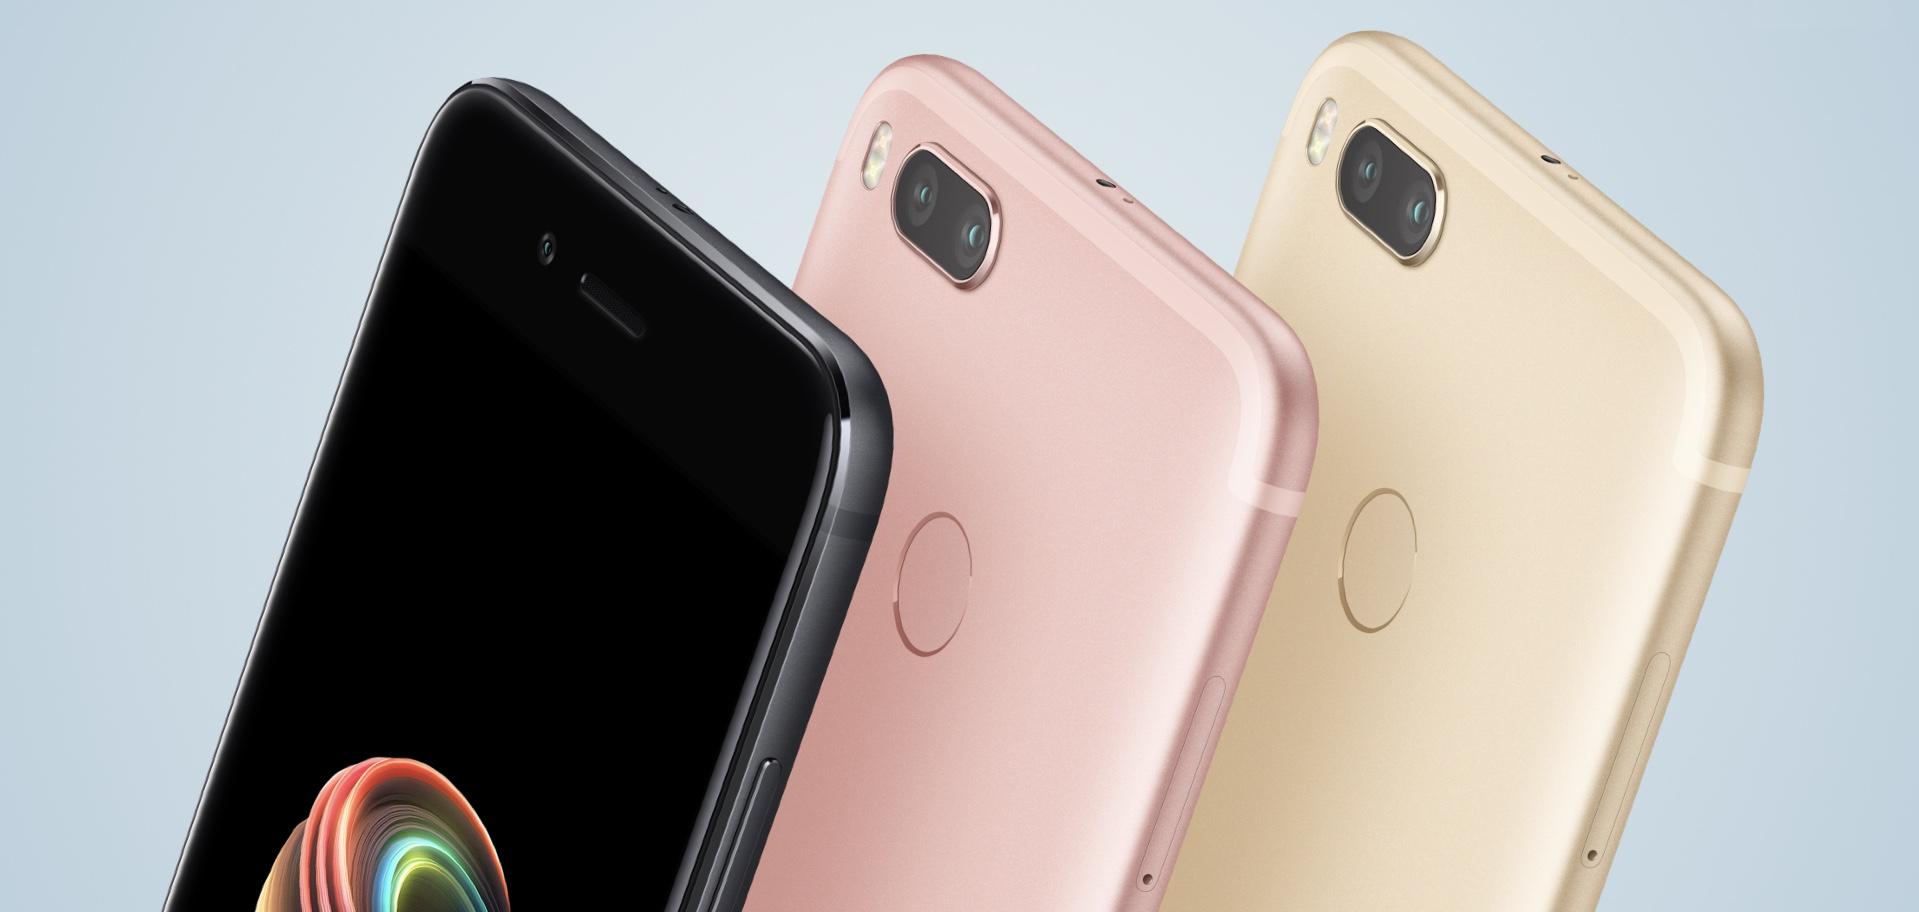 36730b26dfe Tengo 200 euros y quiero comprarme el mejor móvil, ¿qué opciones tengo? |  Tecnología - ComputerHoy.com